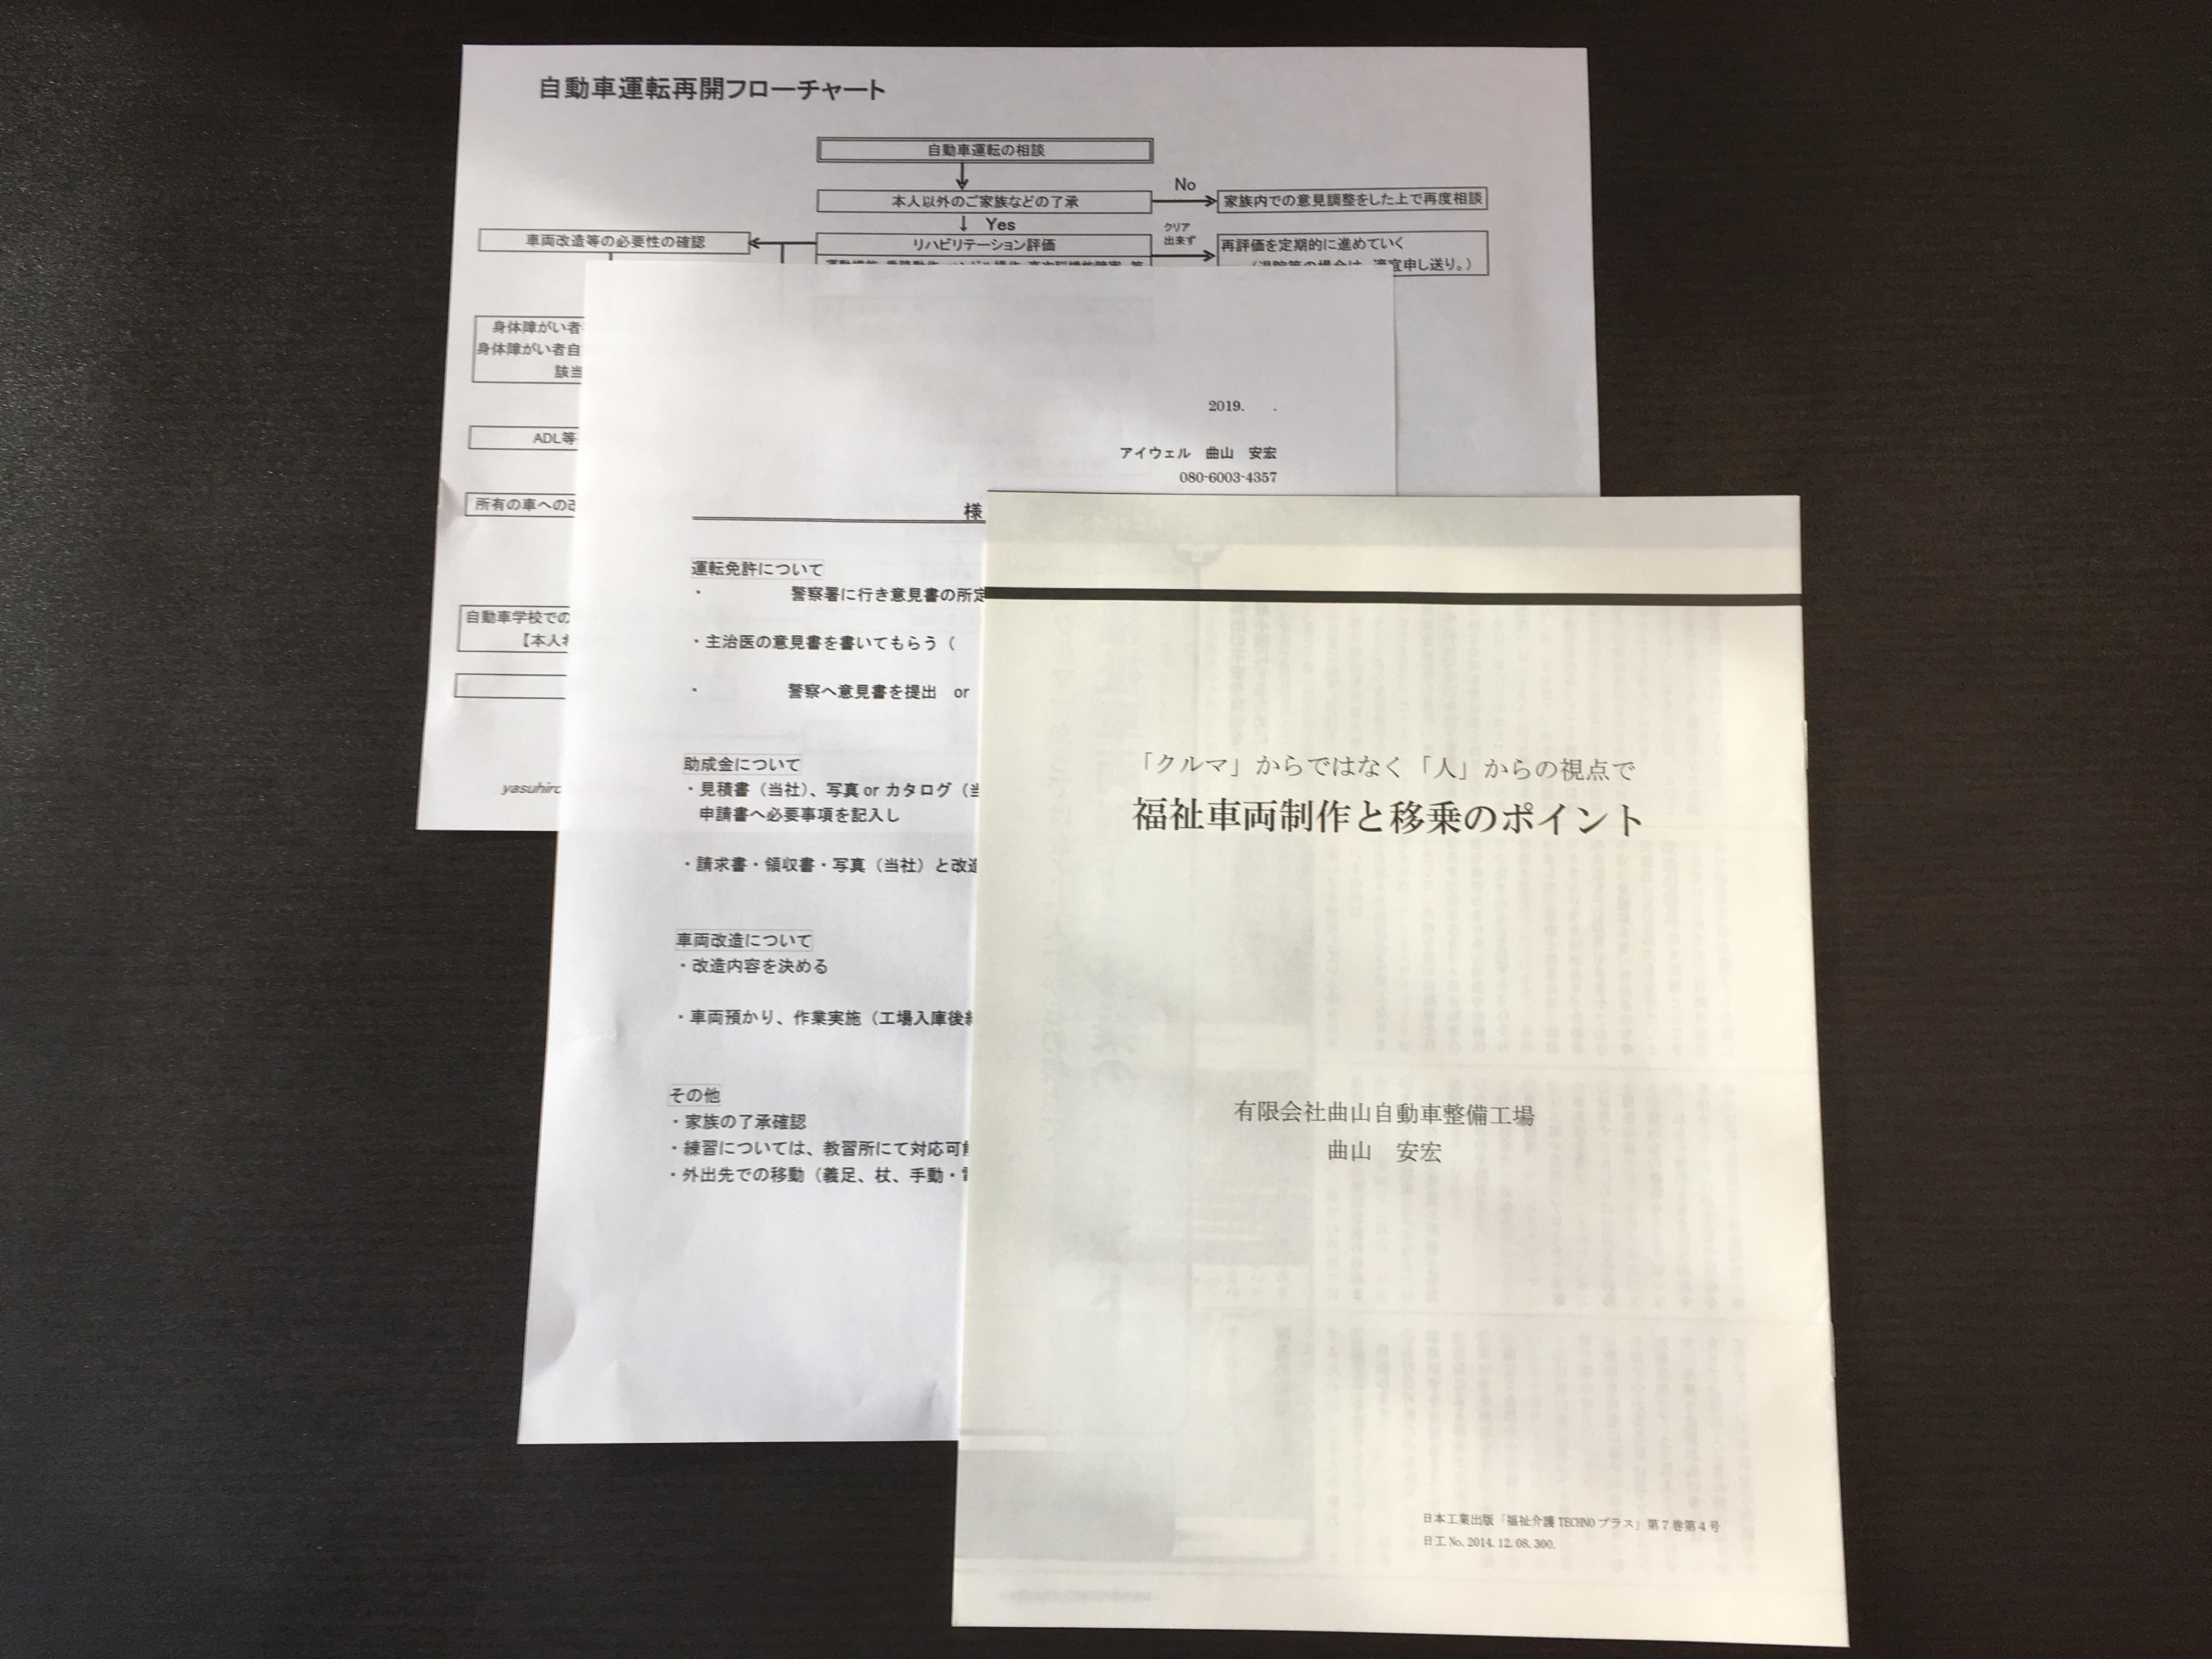 自動車運転再開フローチャート 曲山安宏 アイウェル (有)曲山自動車整備工場